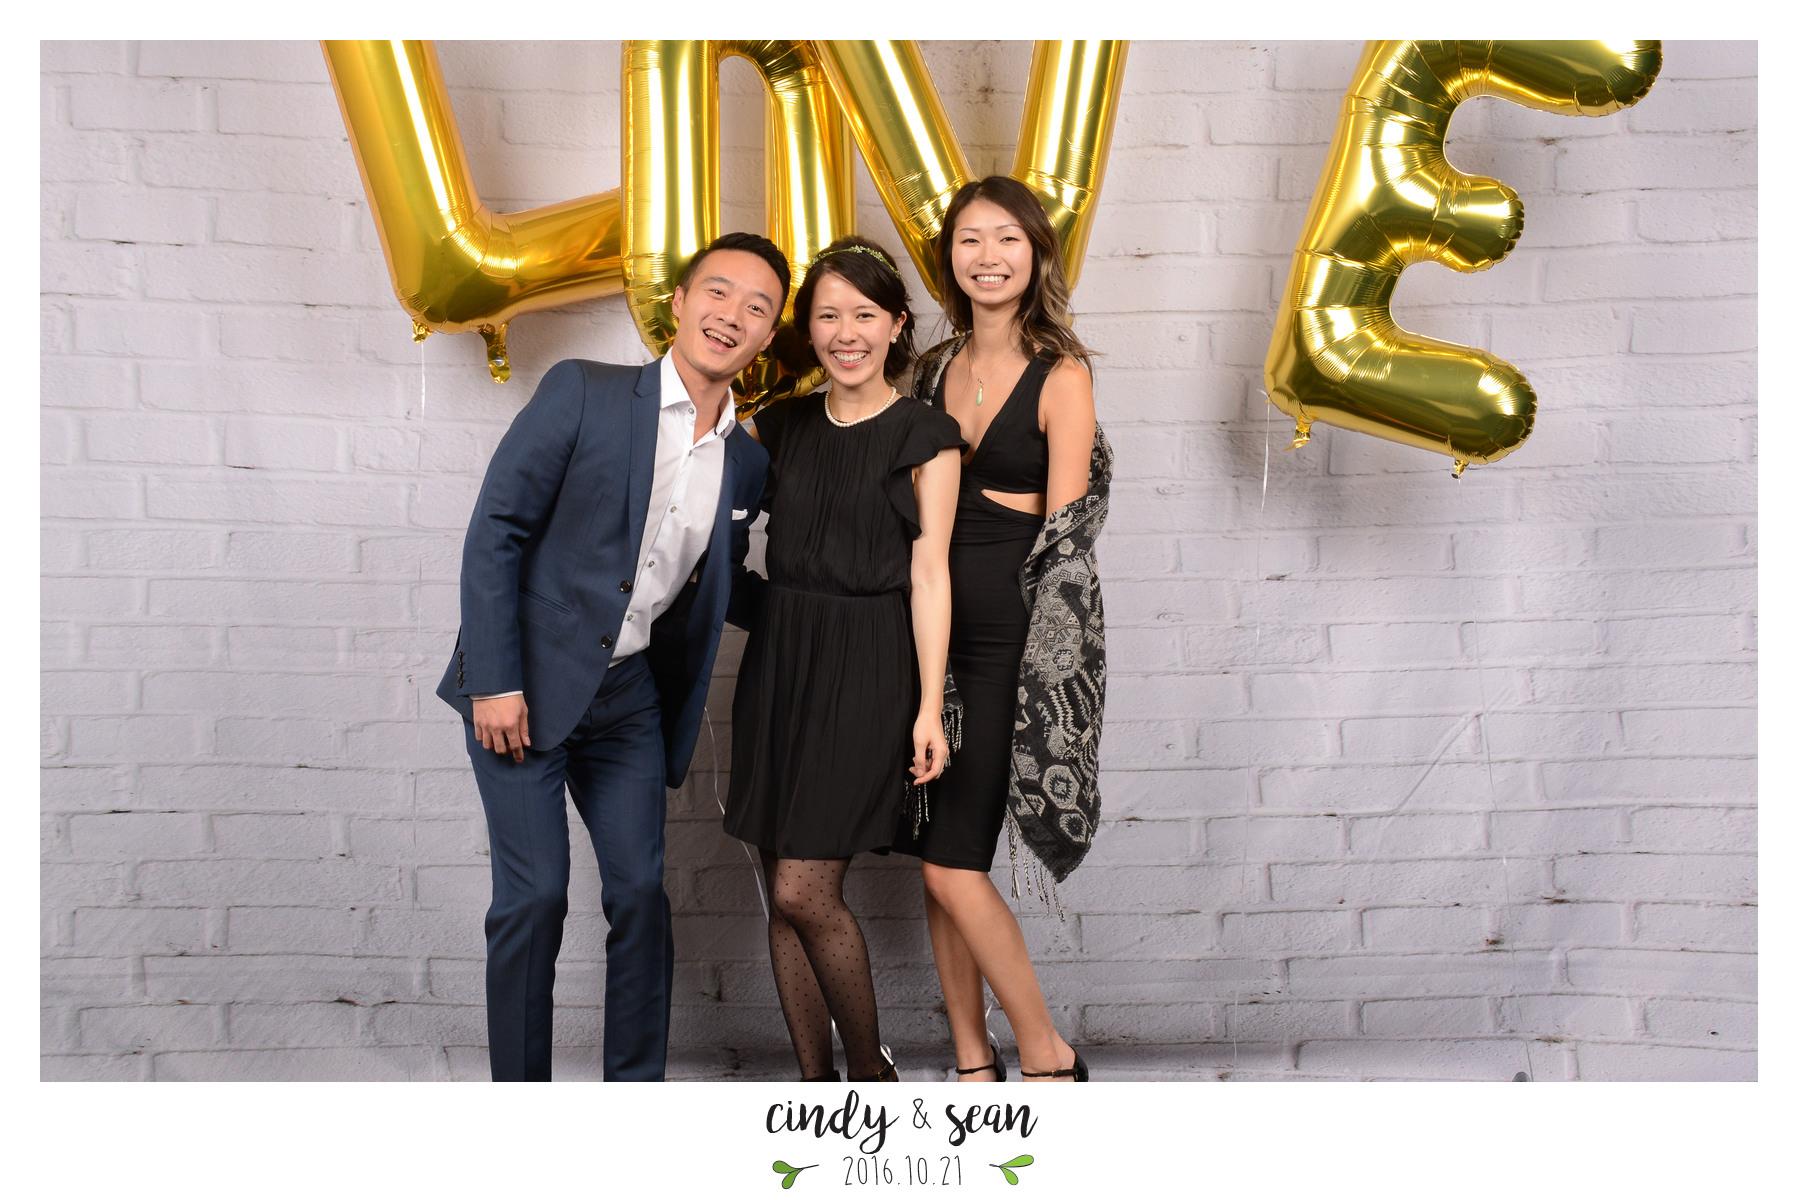 Cindy Sean Bae - 0002-6.jpg